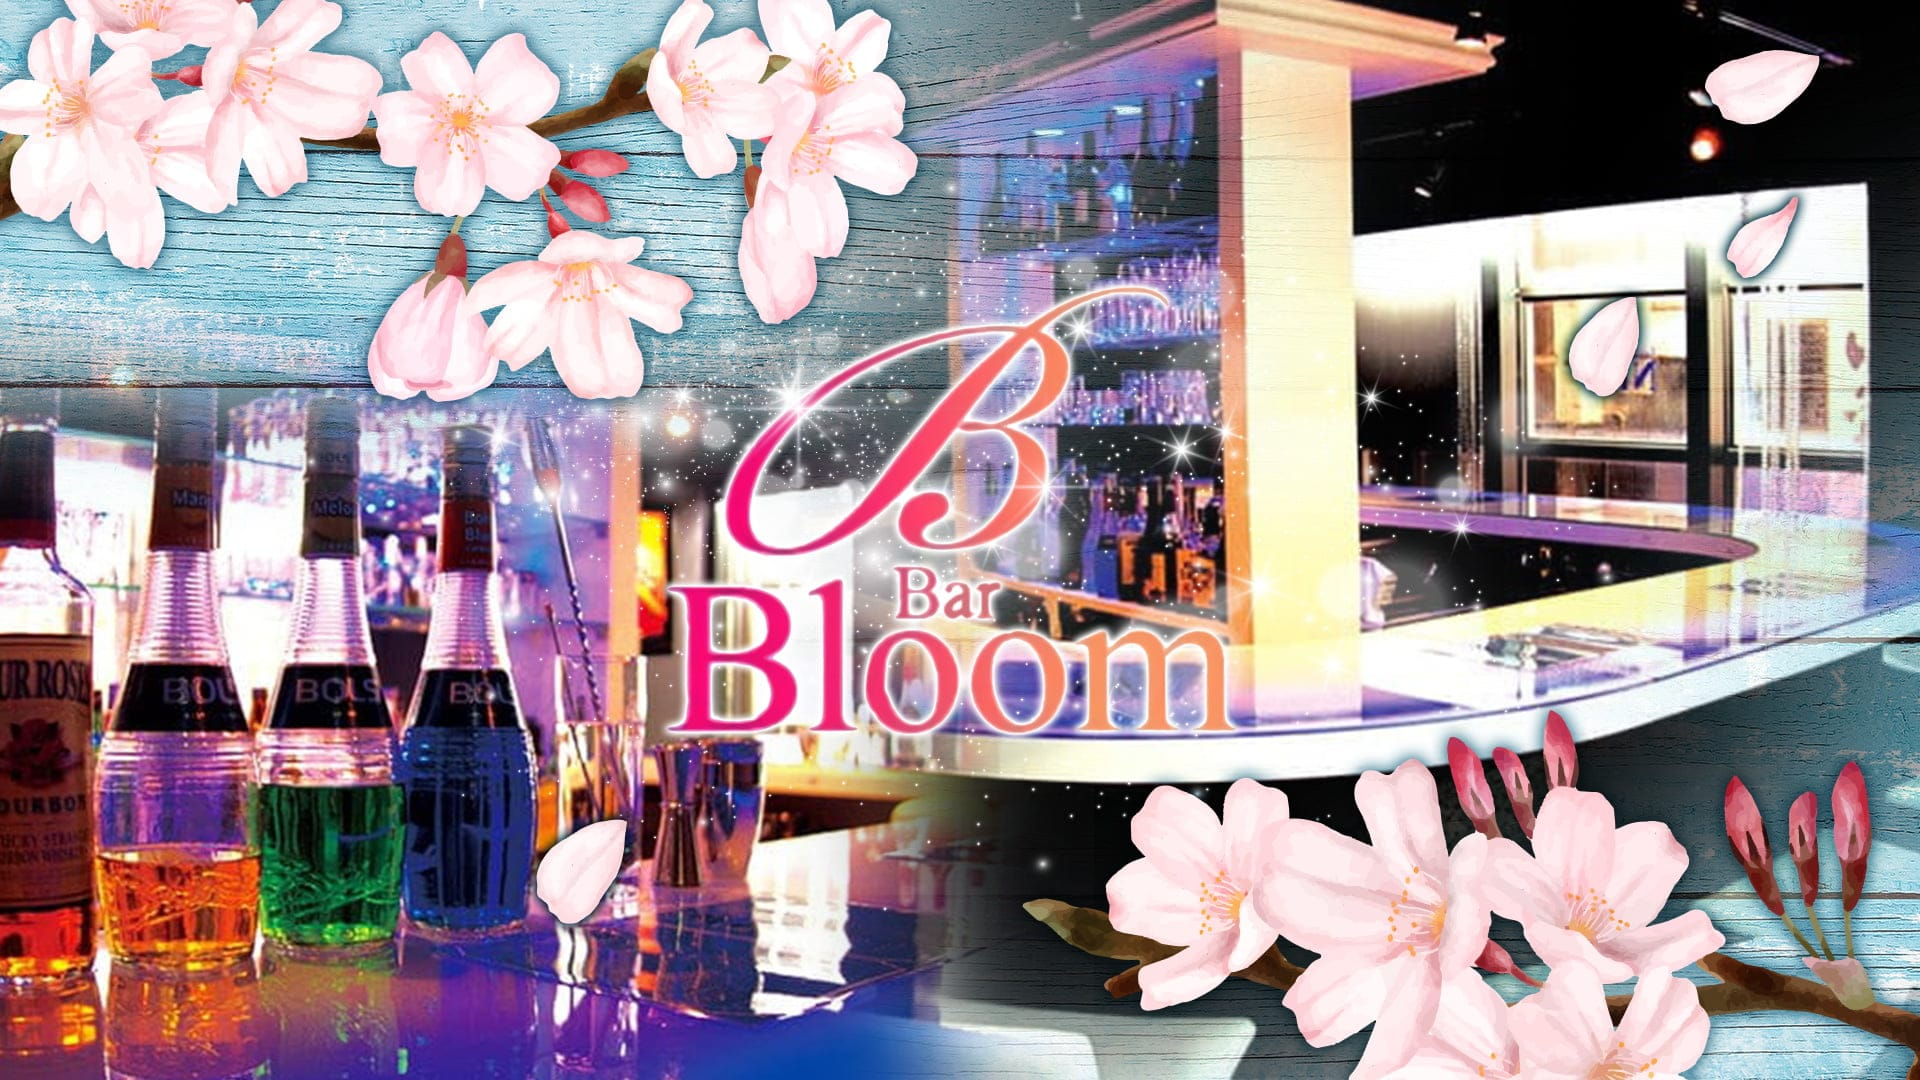 Bar BLOOM (ブルーム)【公式求人・体入情報】 梅田ガールズバー TOP画像